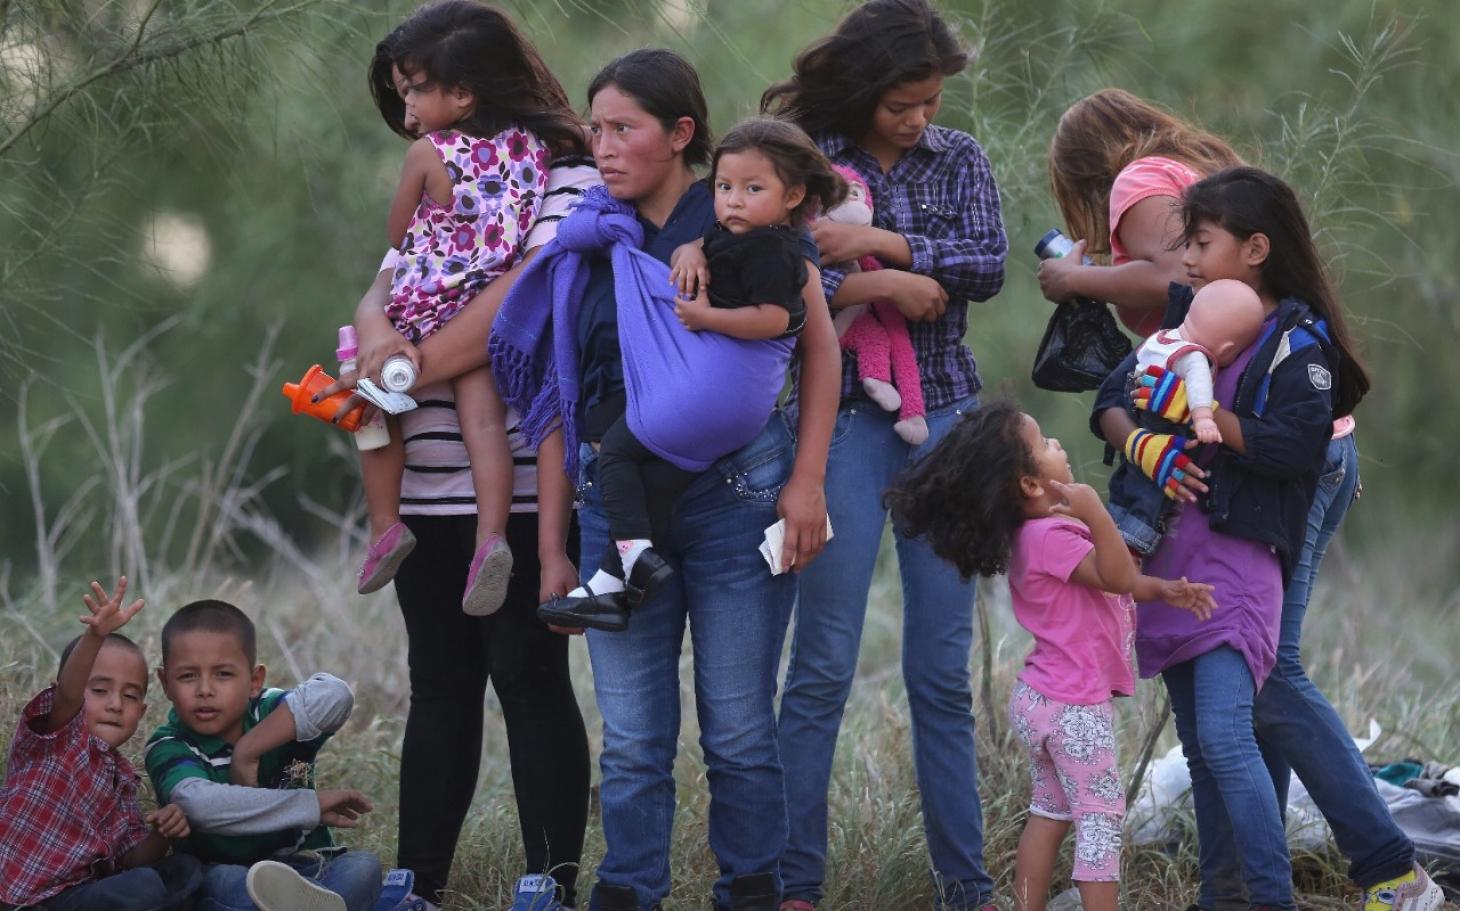 headlineImage.adapt_.1460.high_.Migrants_UN_073114.1429636975581.jpg